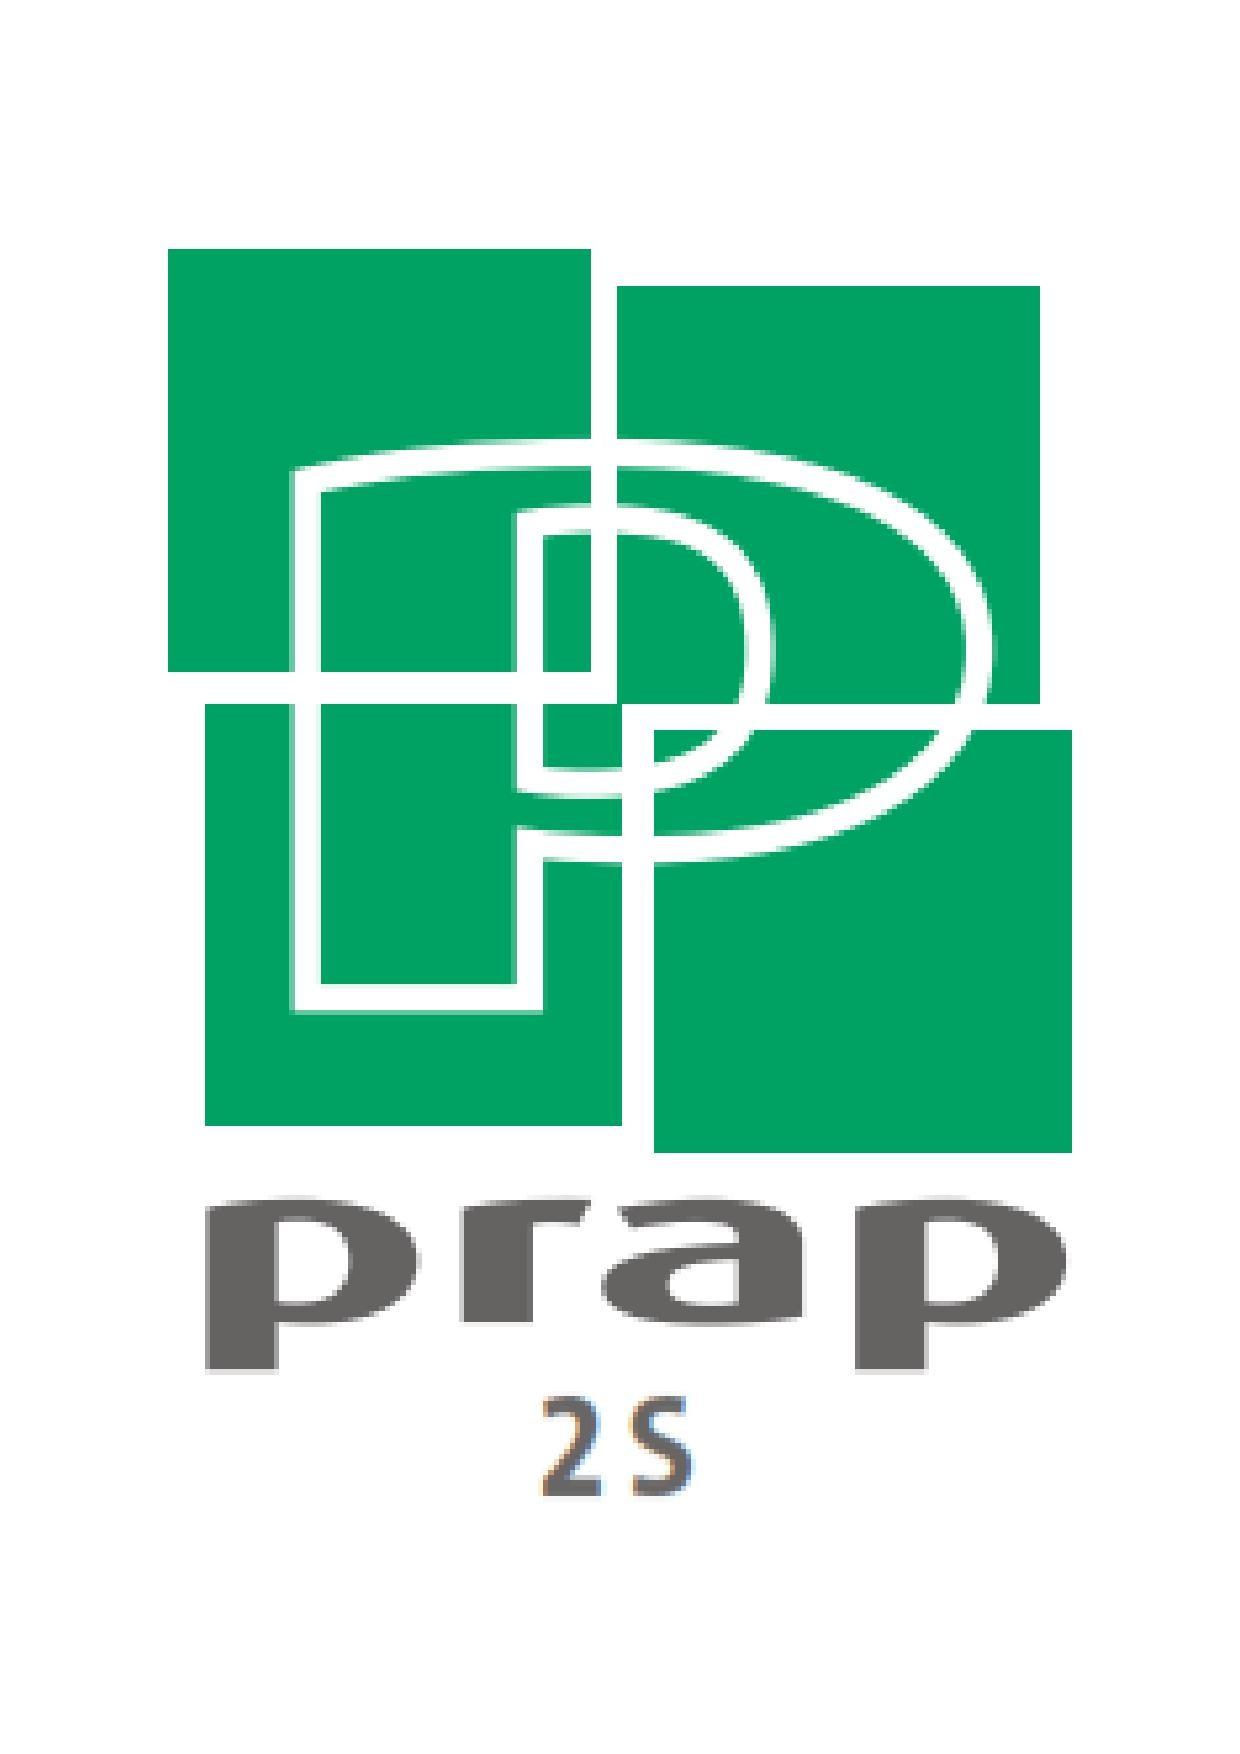 Prap 2s logo page 001